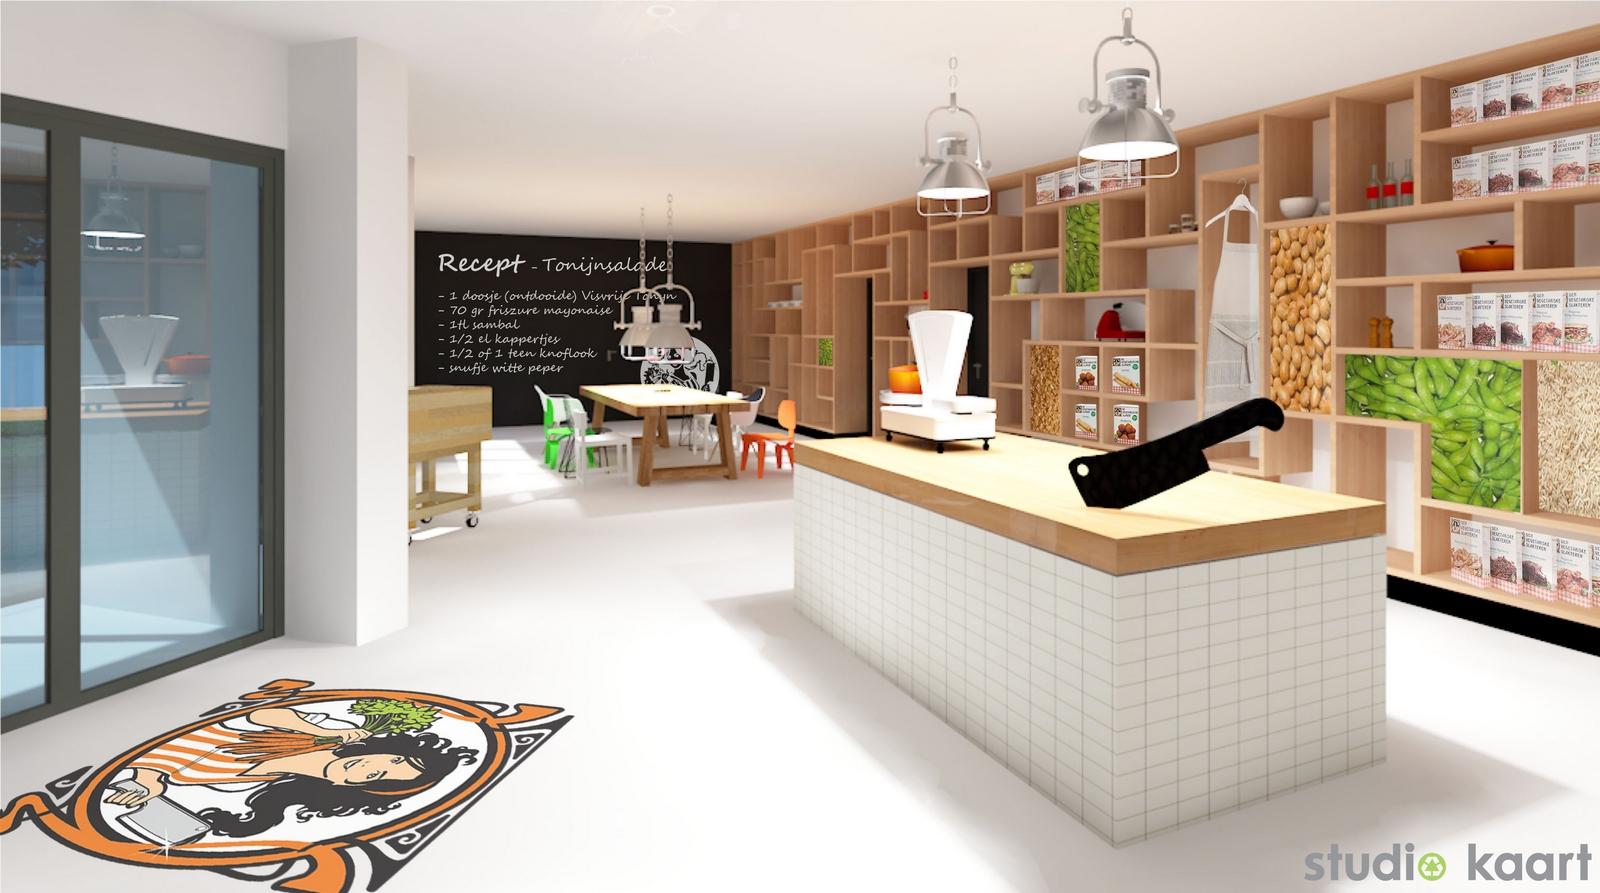 Studio Kaart Vegetarische Slager Fabriek